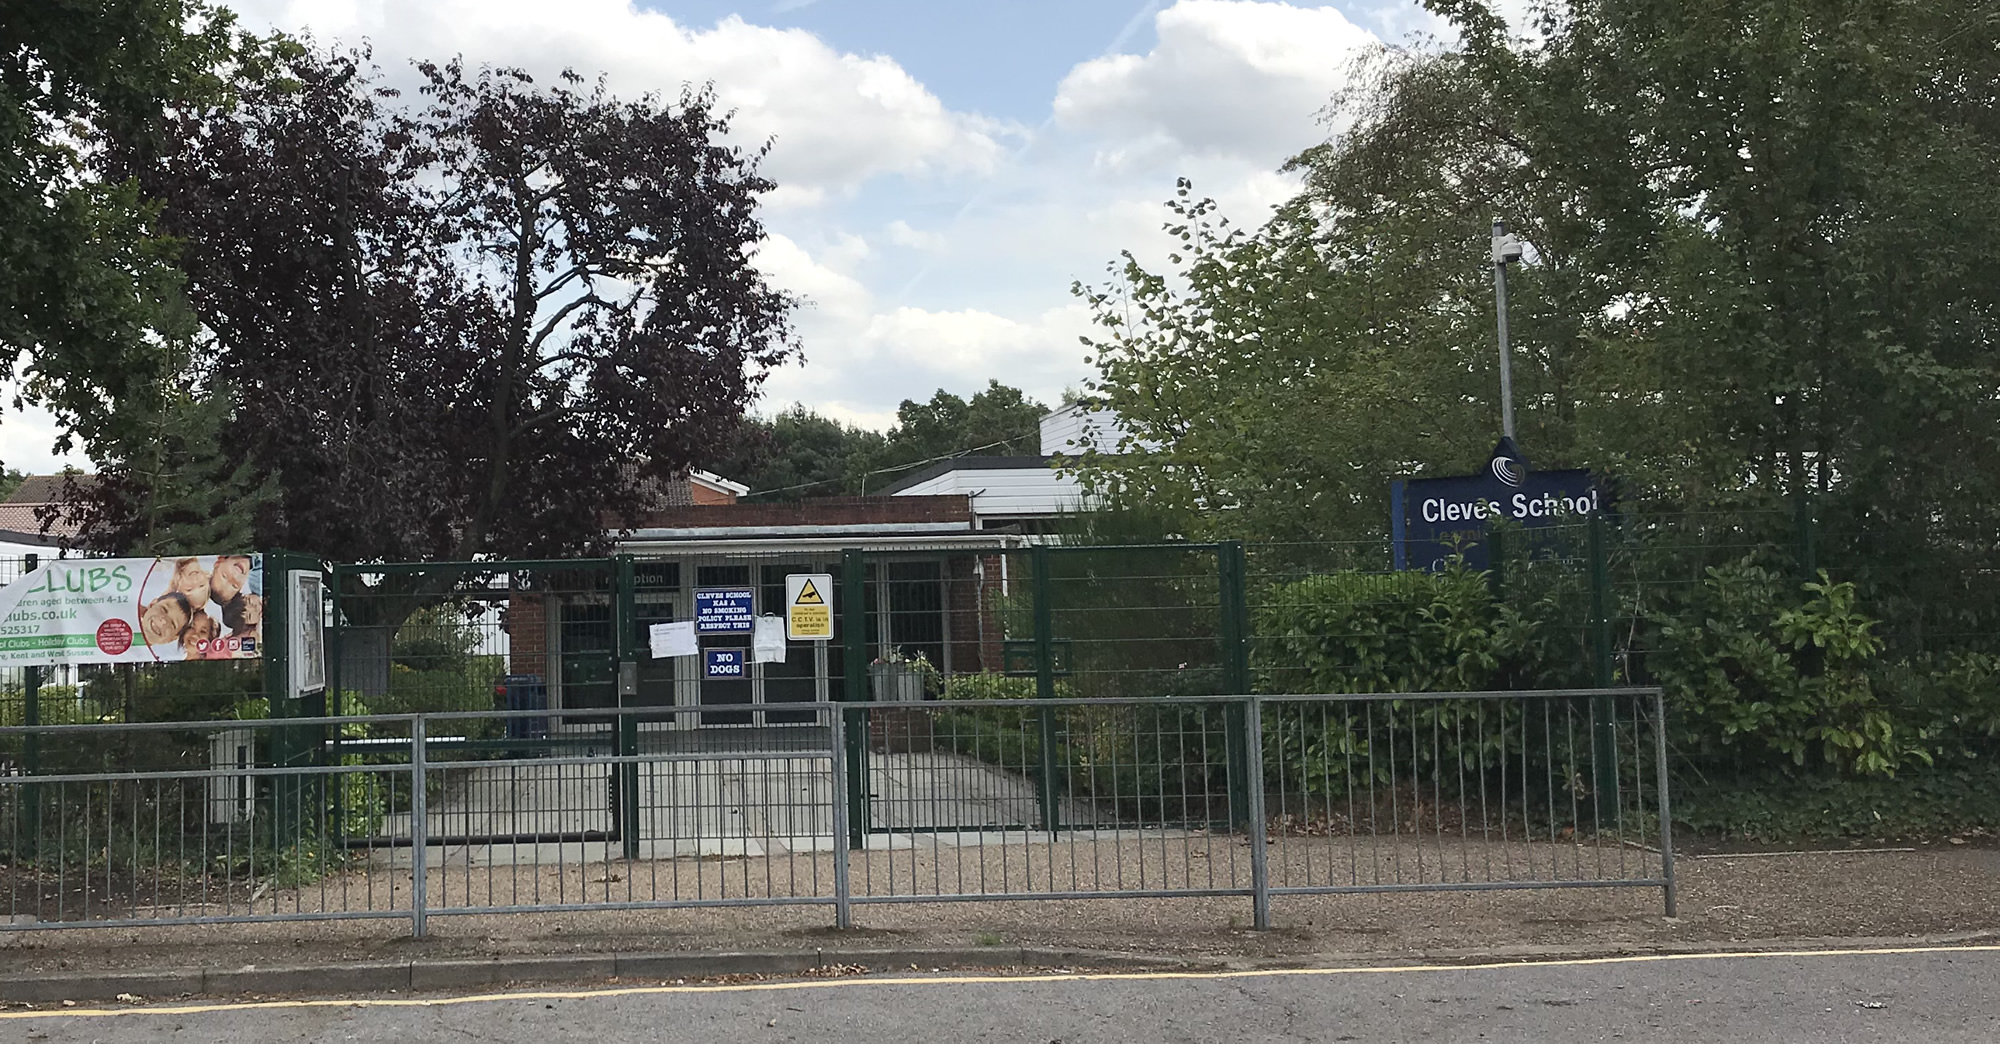 Cleves Primary School Weybridge  All About Weybridge - Elmbridge Surrey